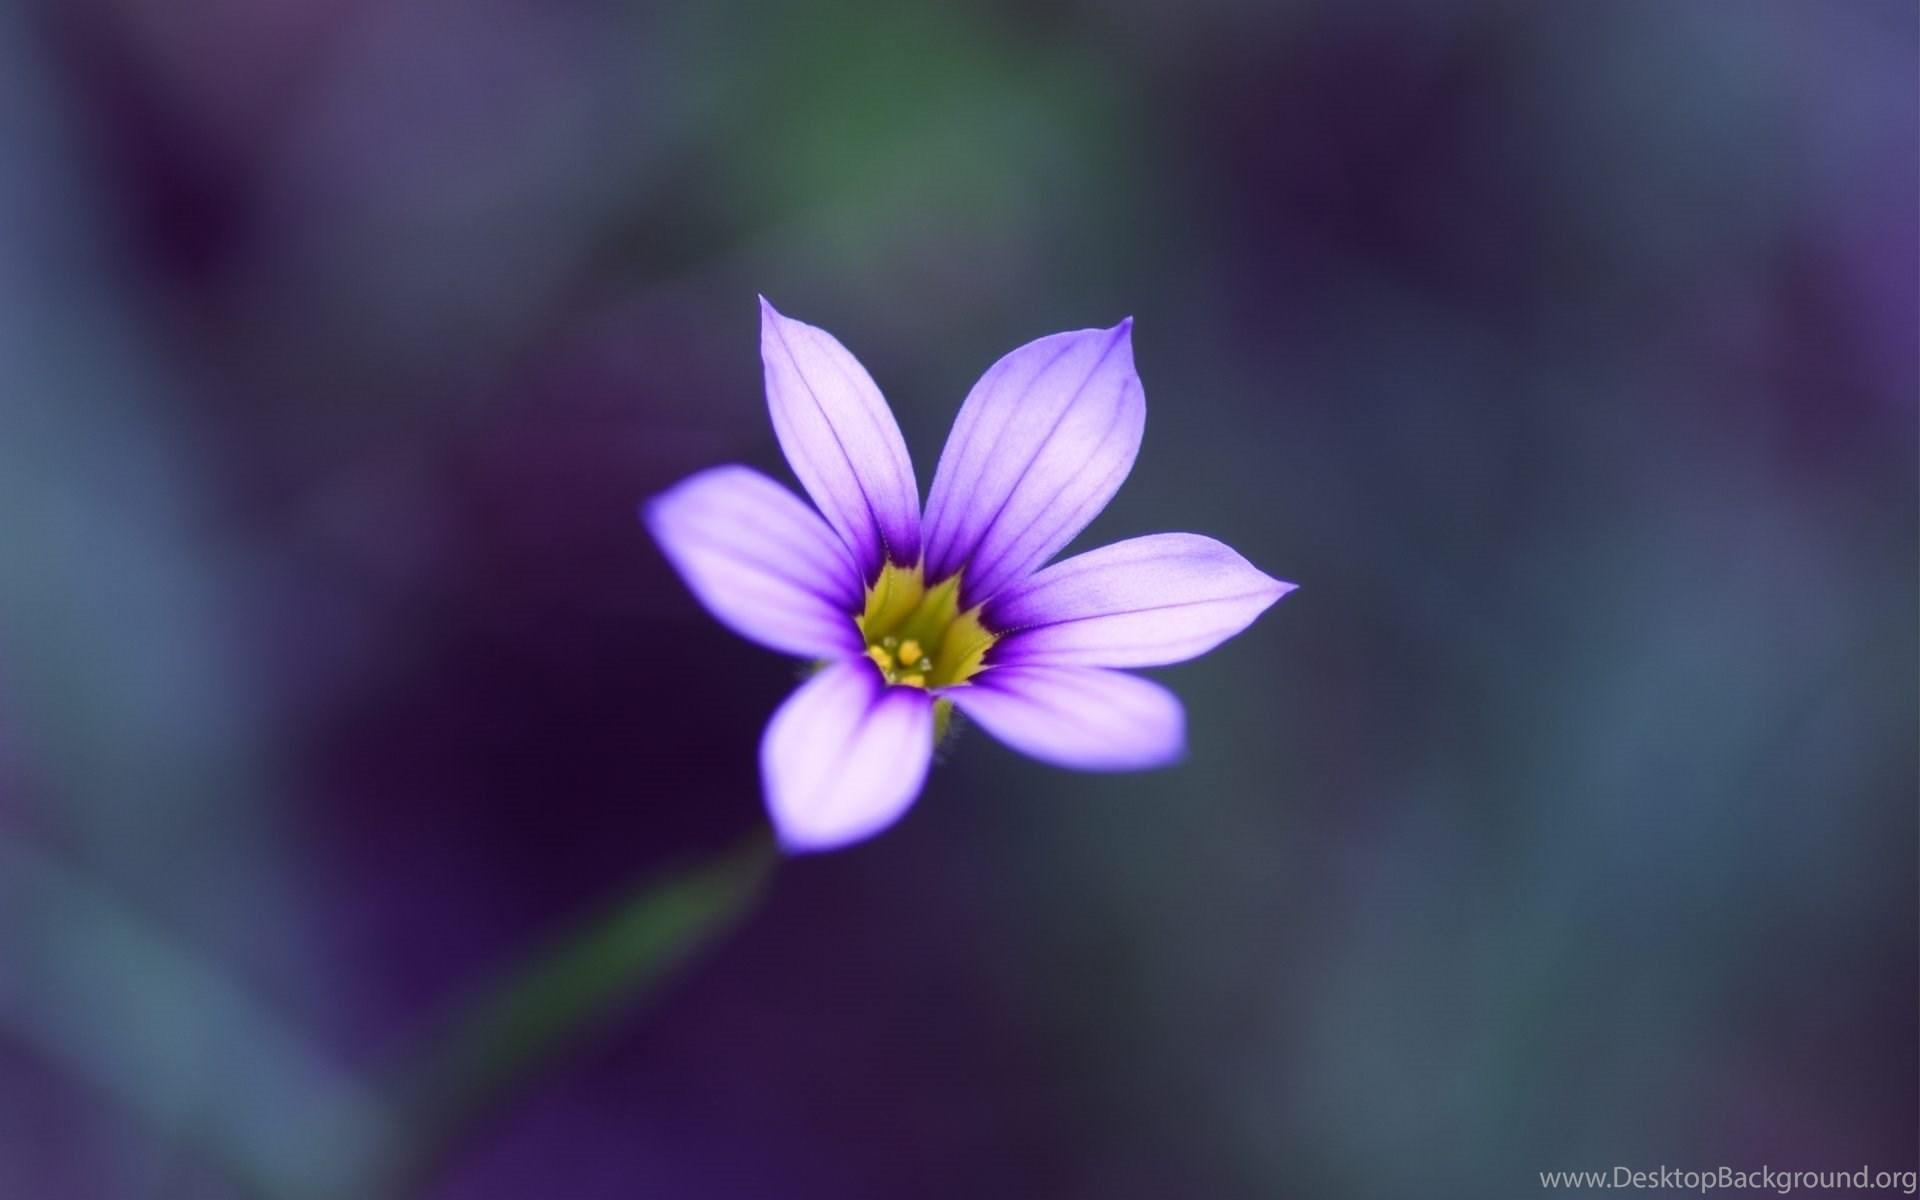 Single Flower Beauty Hd Wallpapers For Desktop Mobile Desktop